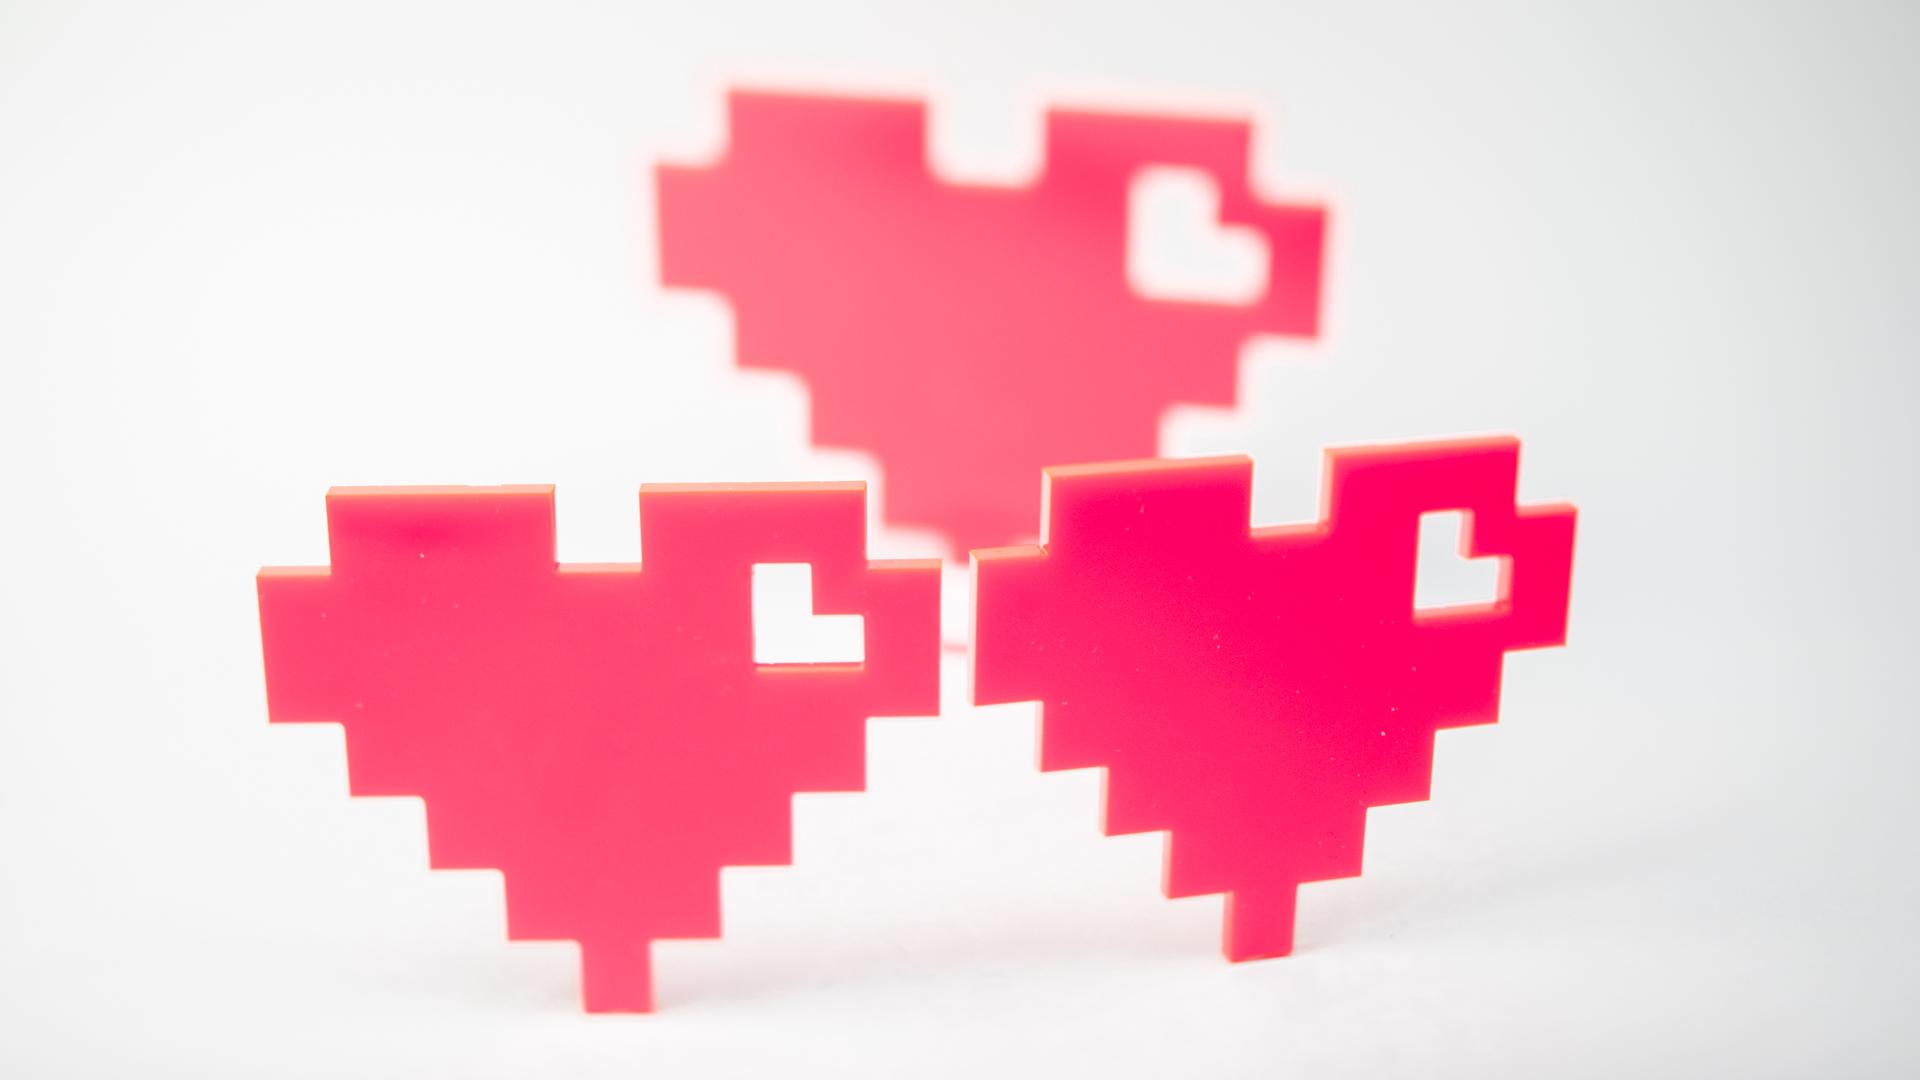 Pixelhjärtan på vit bakgrund.